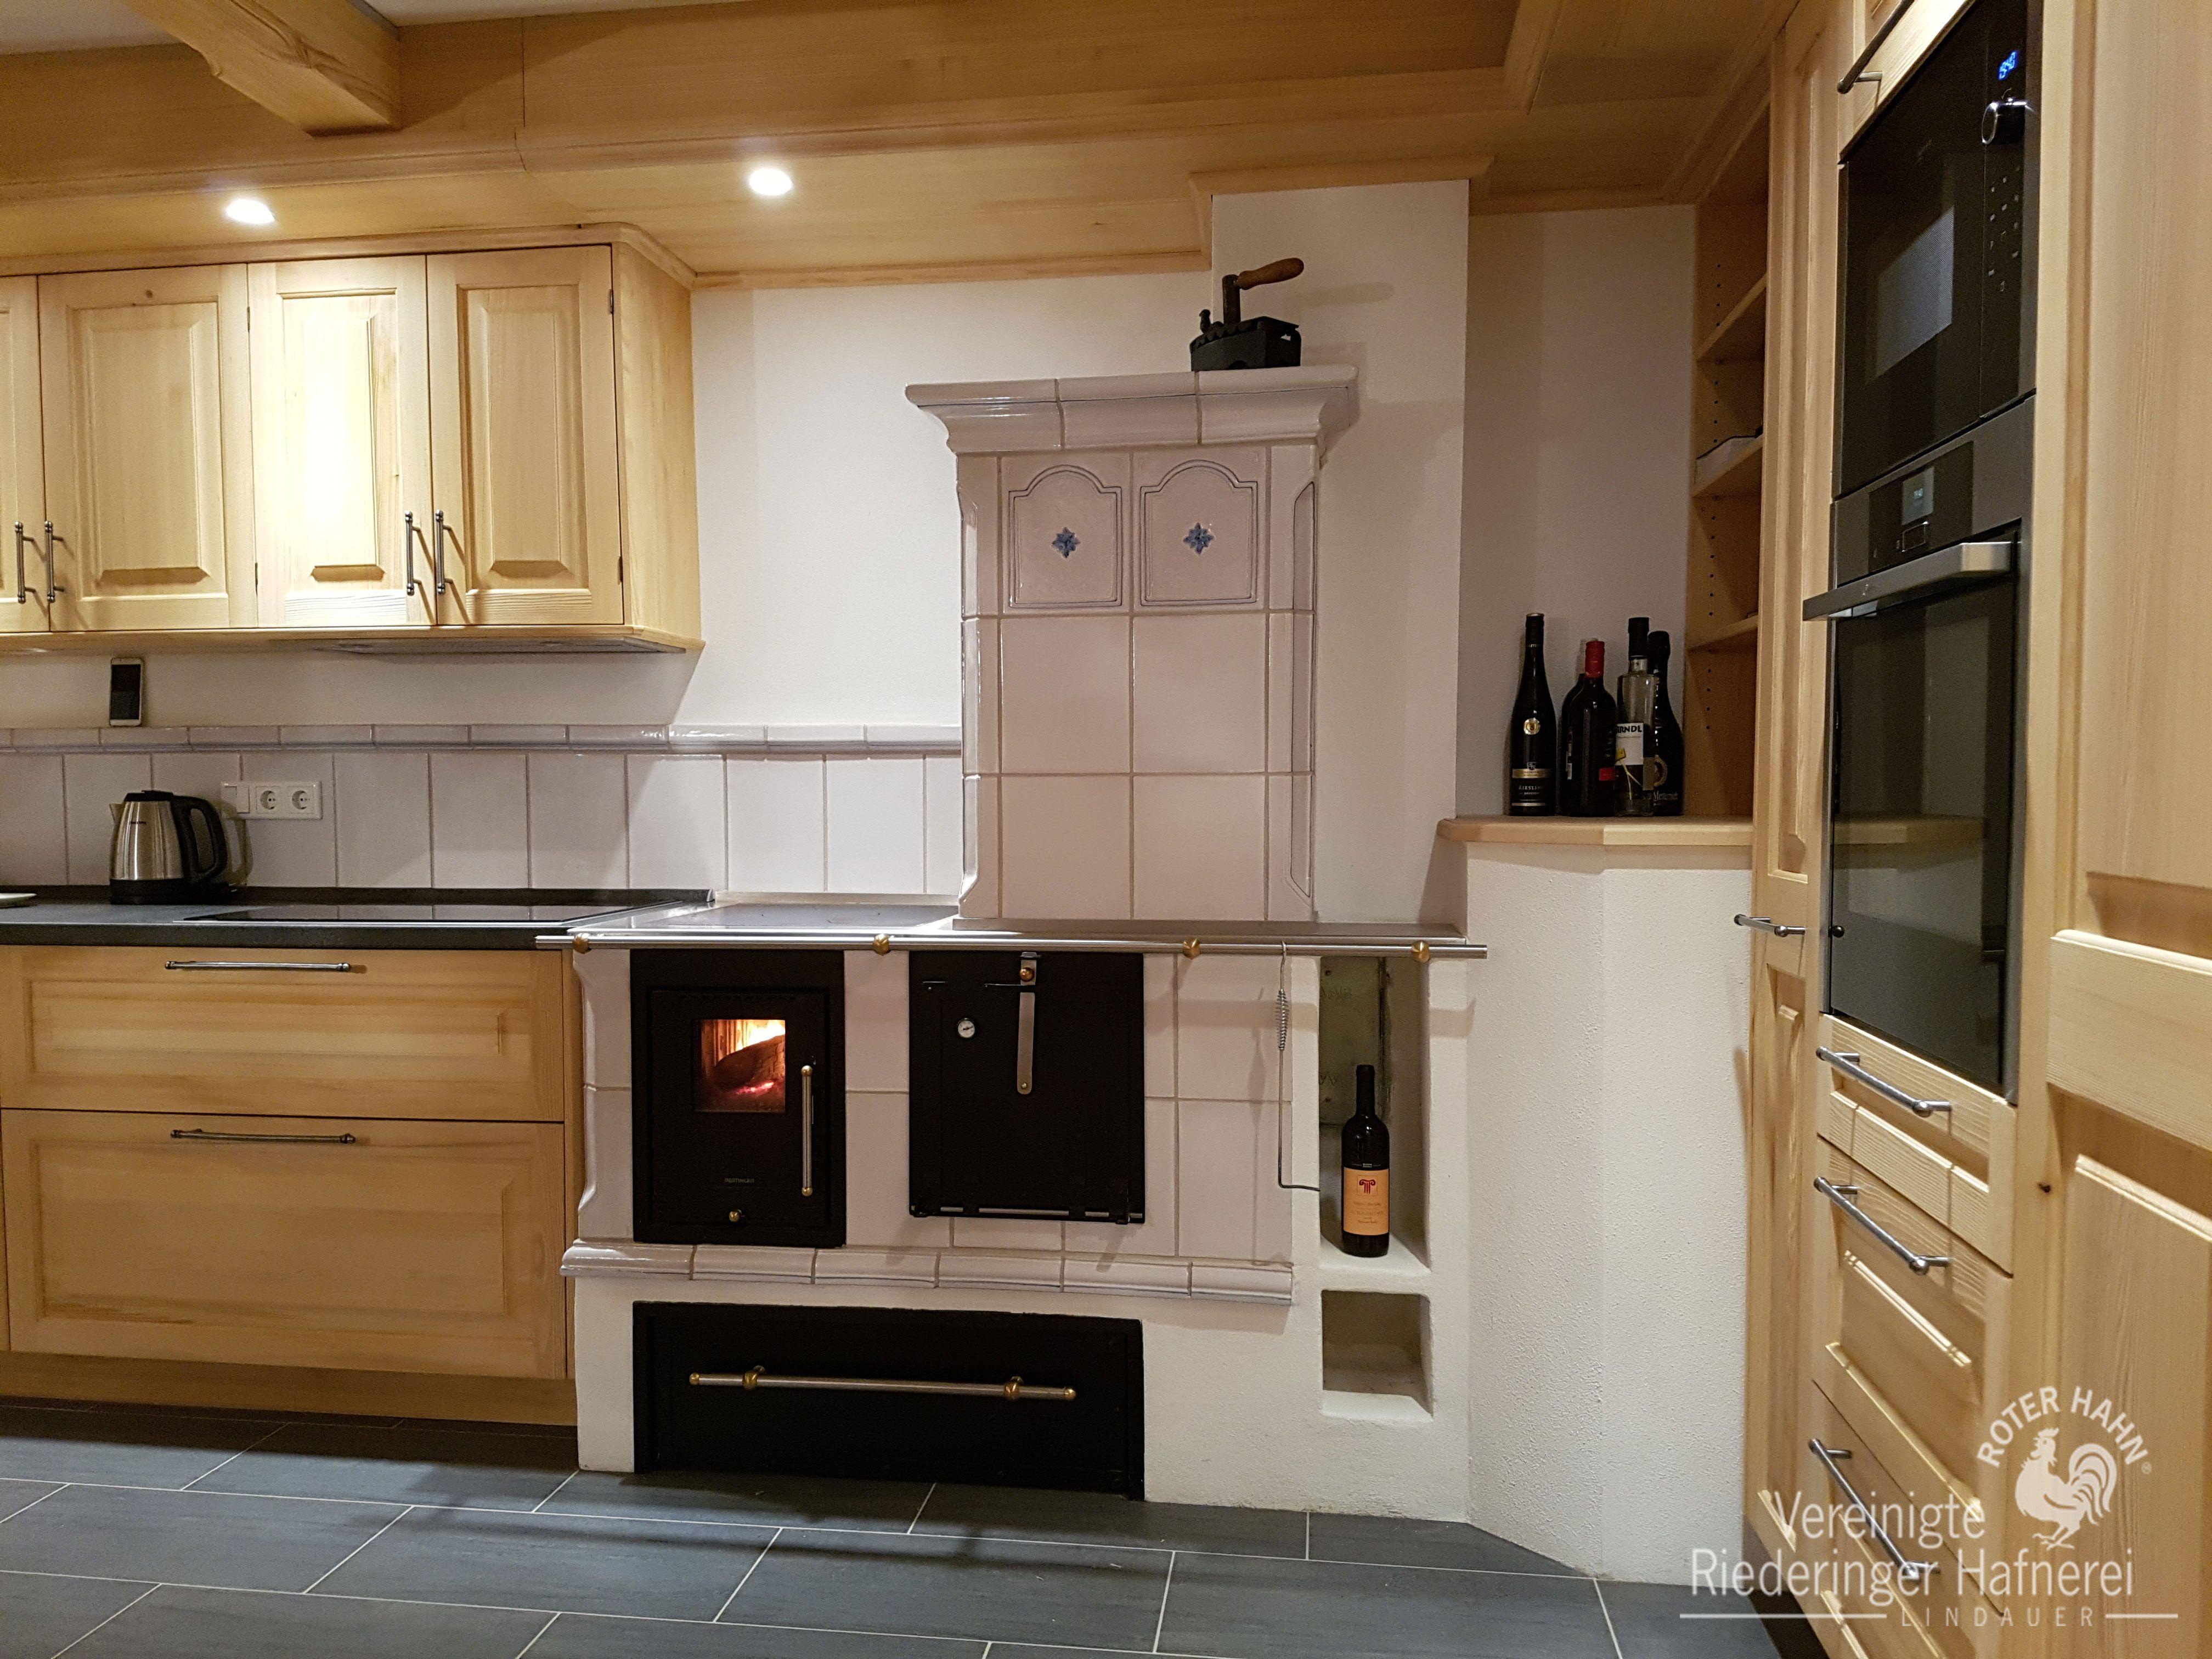 Tiba Outdoor Küchen : Holzherd küche alter holzherd wohnen und garten foto holzofen herd